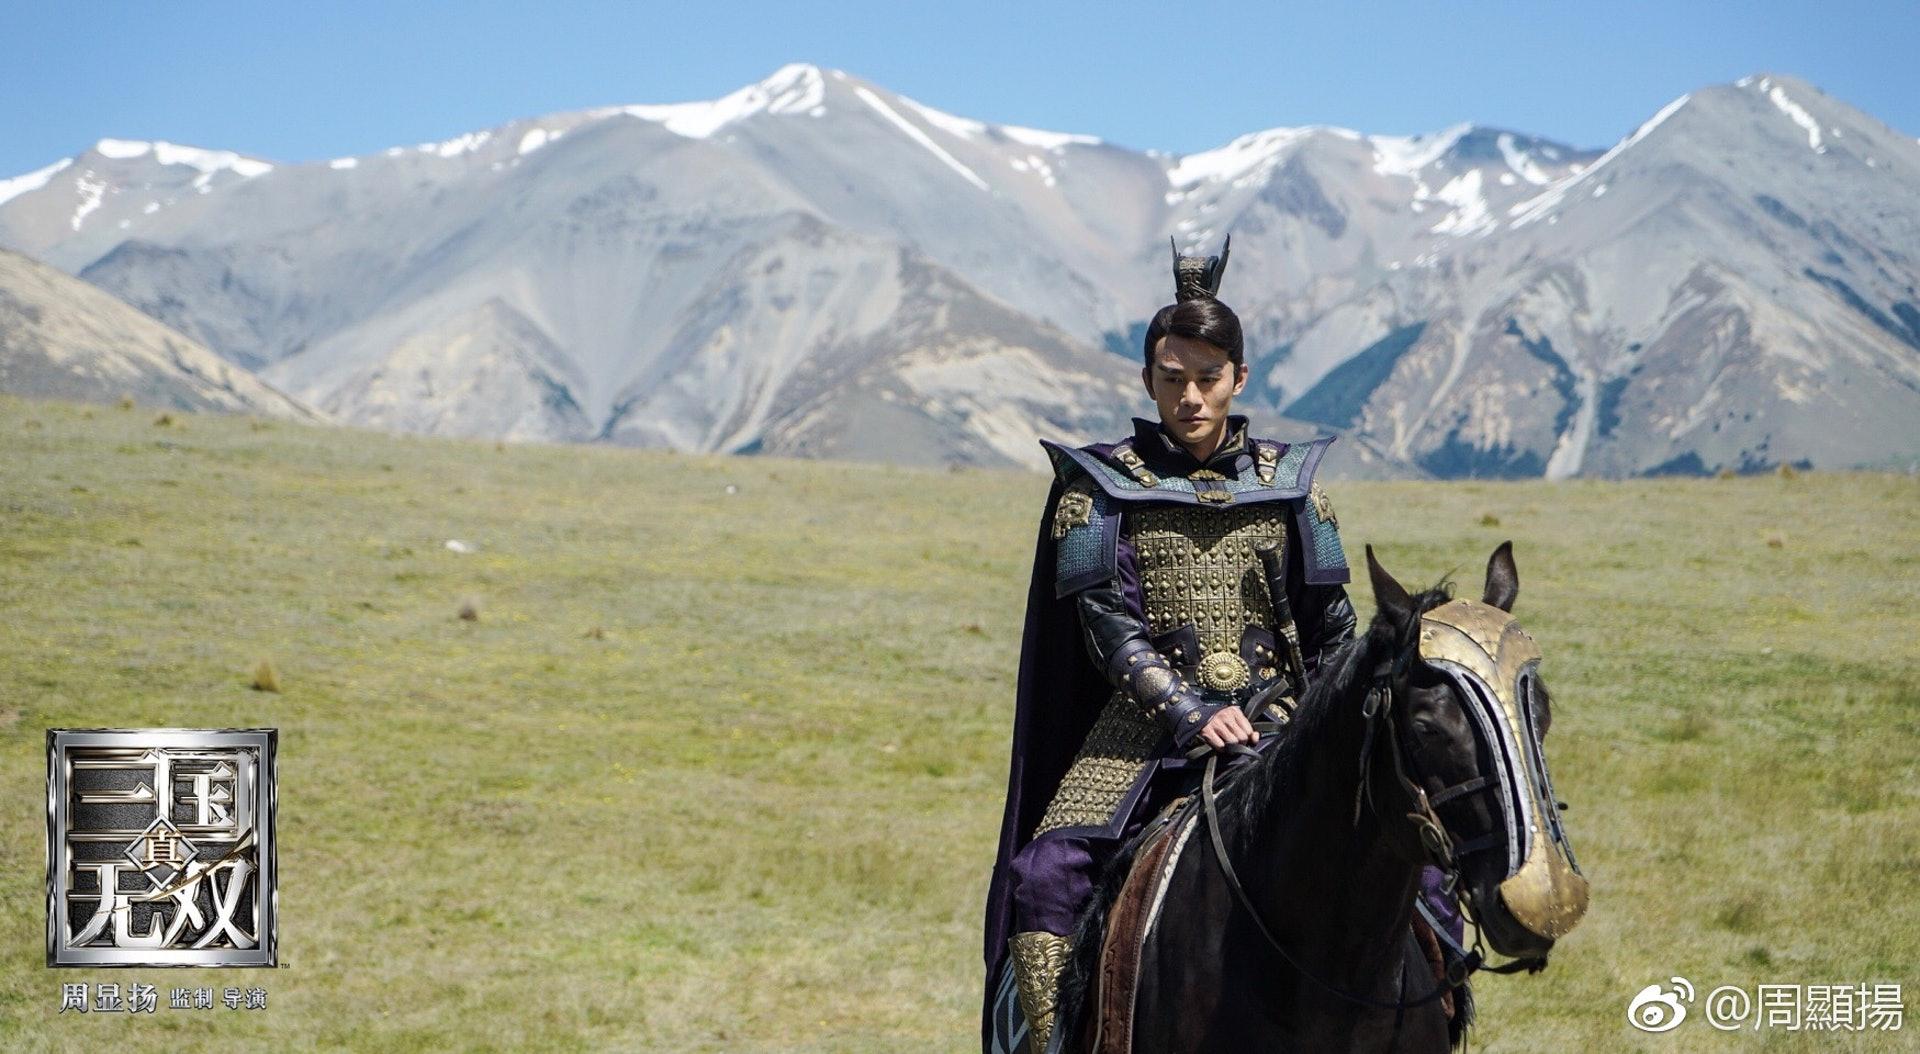 飾演曹操的王凱霸展現霸氣一面。(網上圖片)